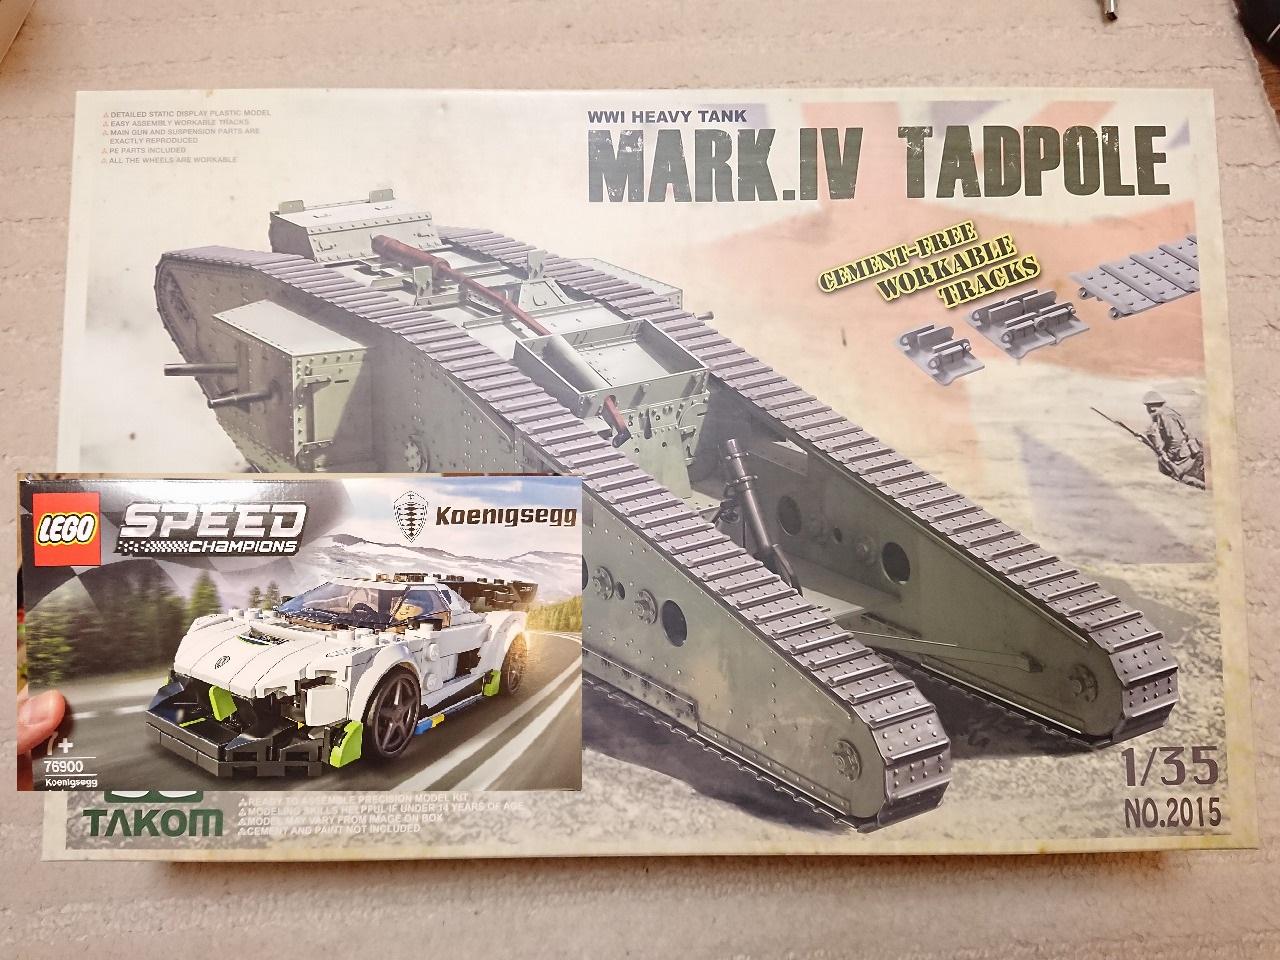 【最近購入した物】TAKOM マークIV メール タッドポールとレゴ(LEGO) スピードチャンピオン ケーニグセグ ジェスコ